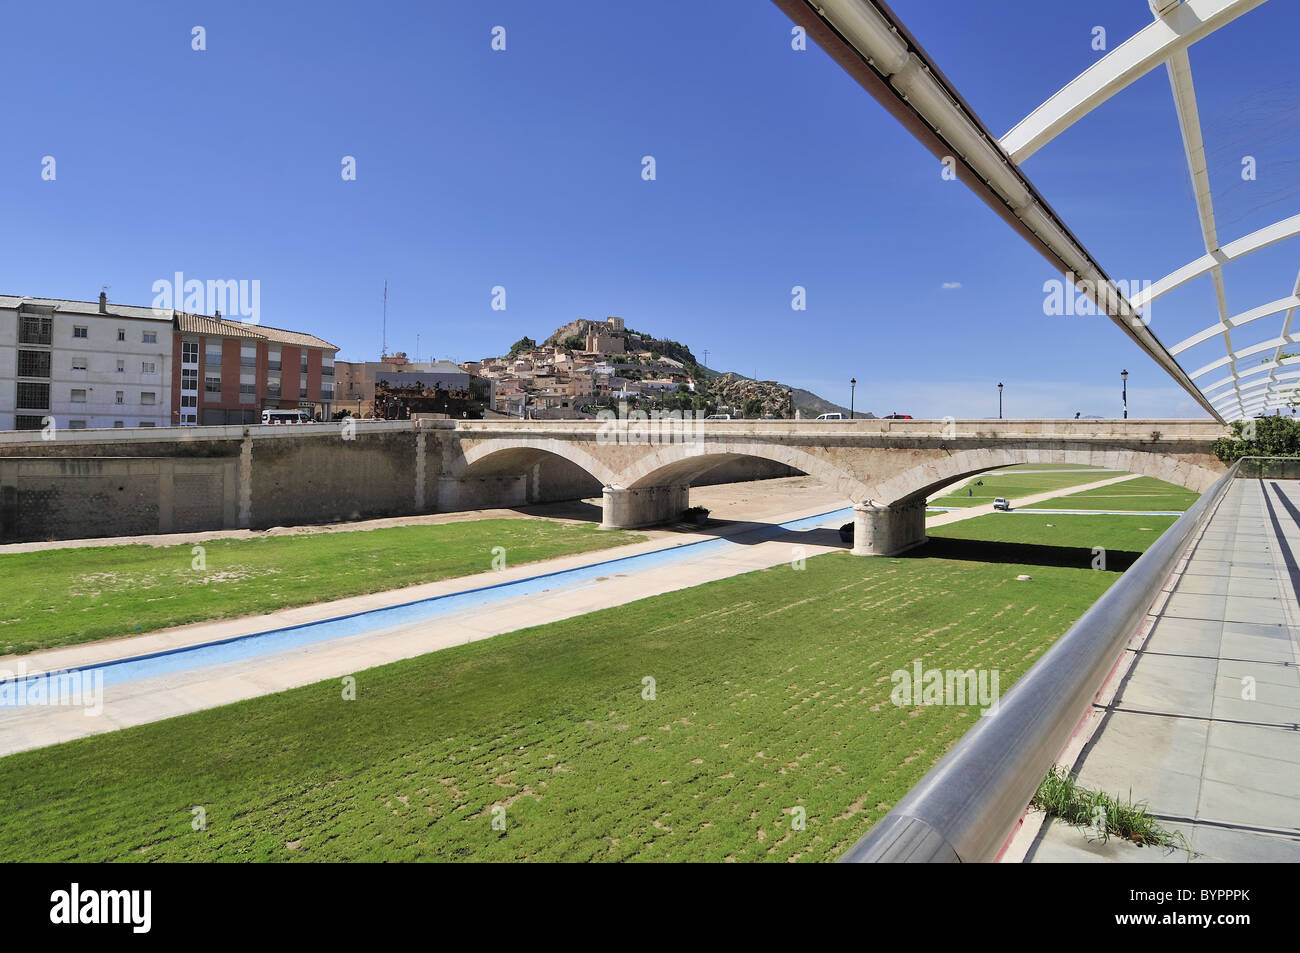 La ciudad de Lorca, Murcia, España Imagen De Stock